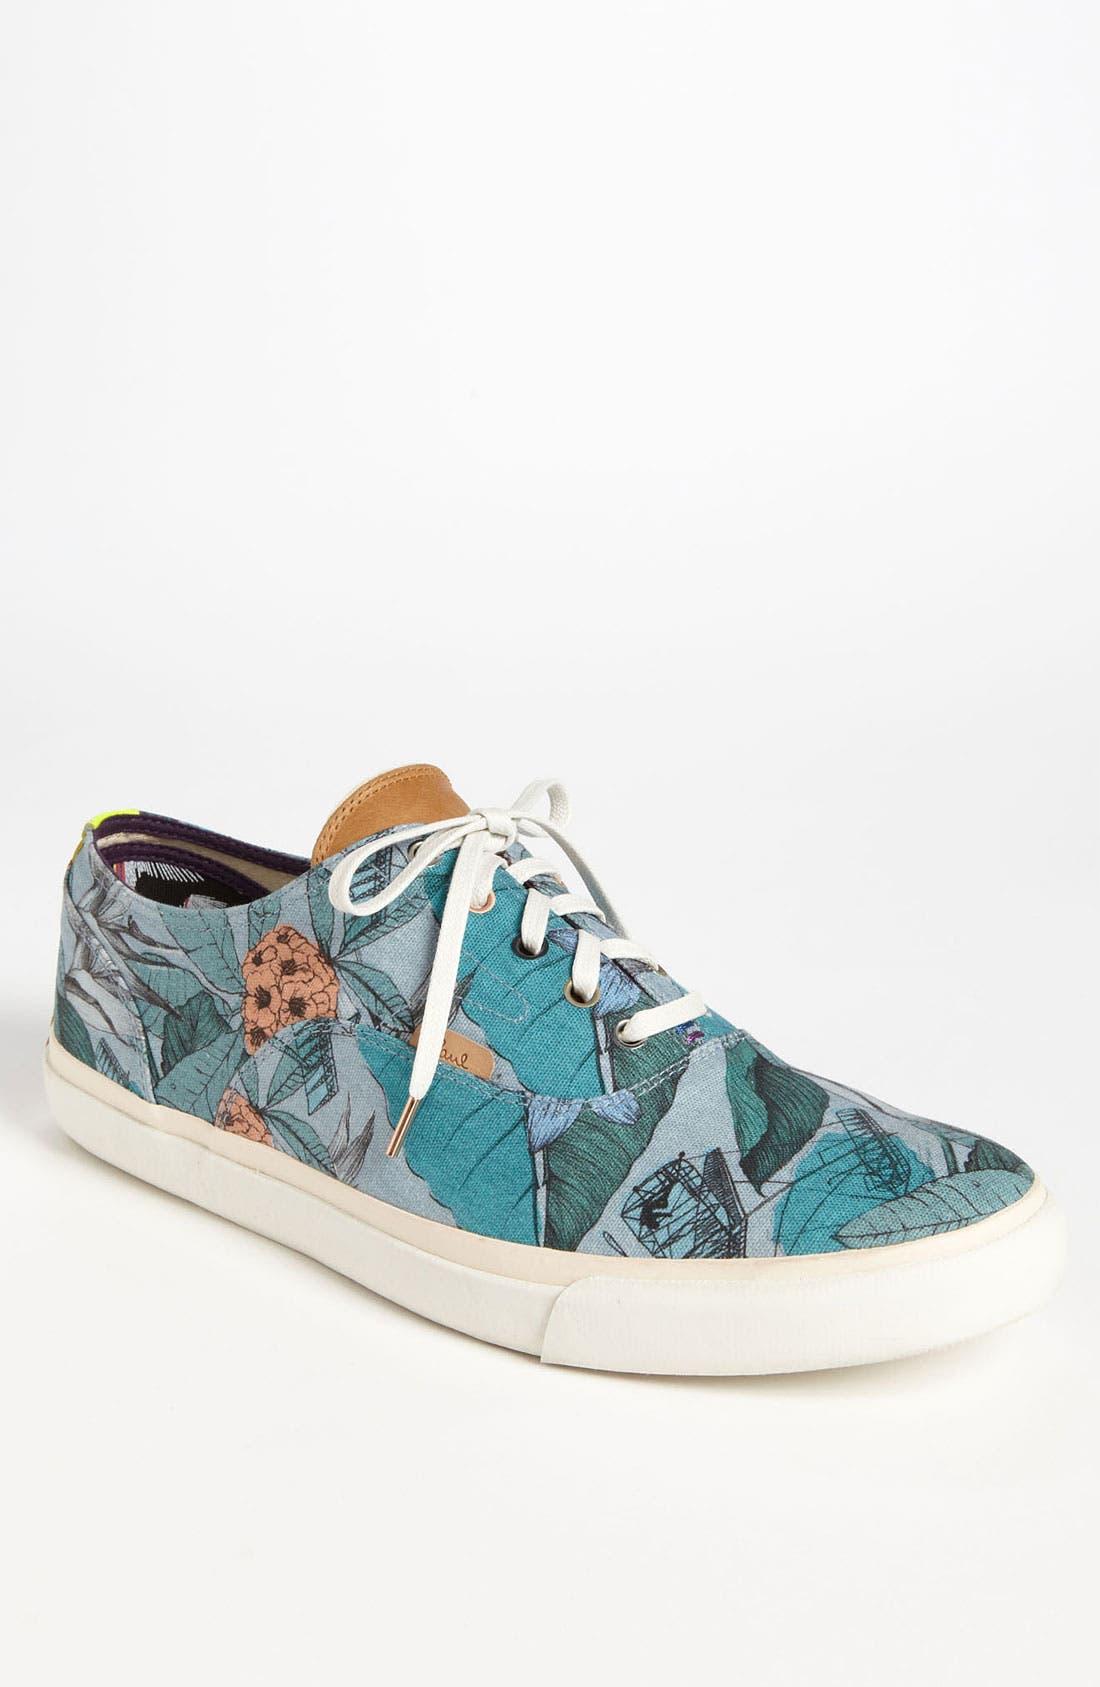 Alternate Image 1 Selected - Paul Smith 'Balfour' Print Sneaker